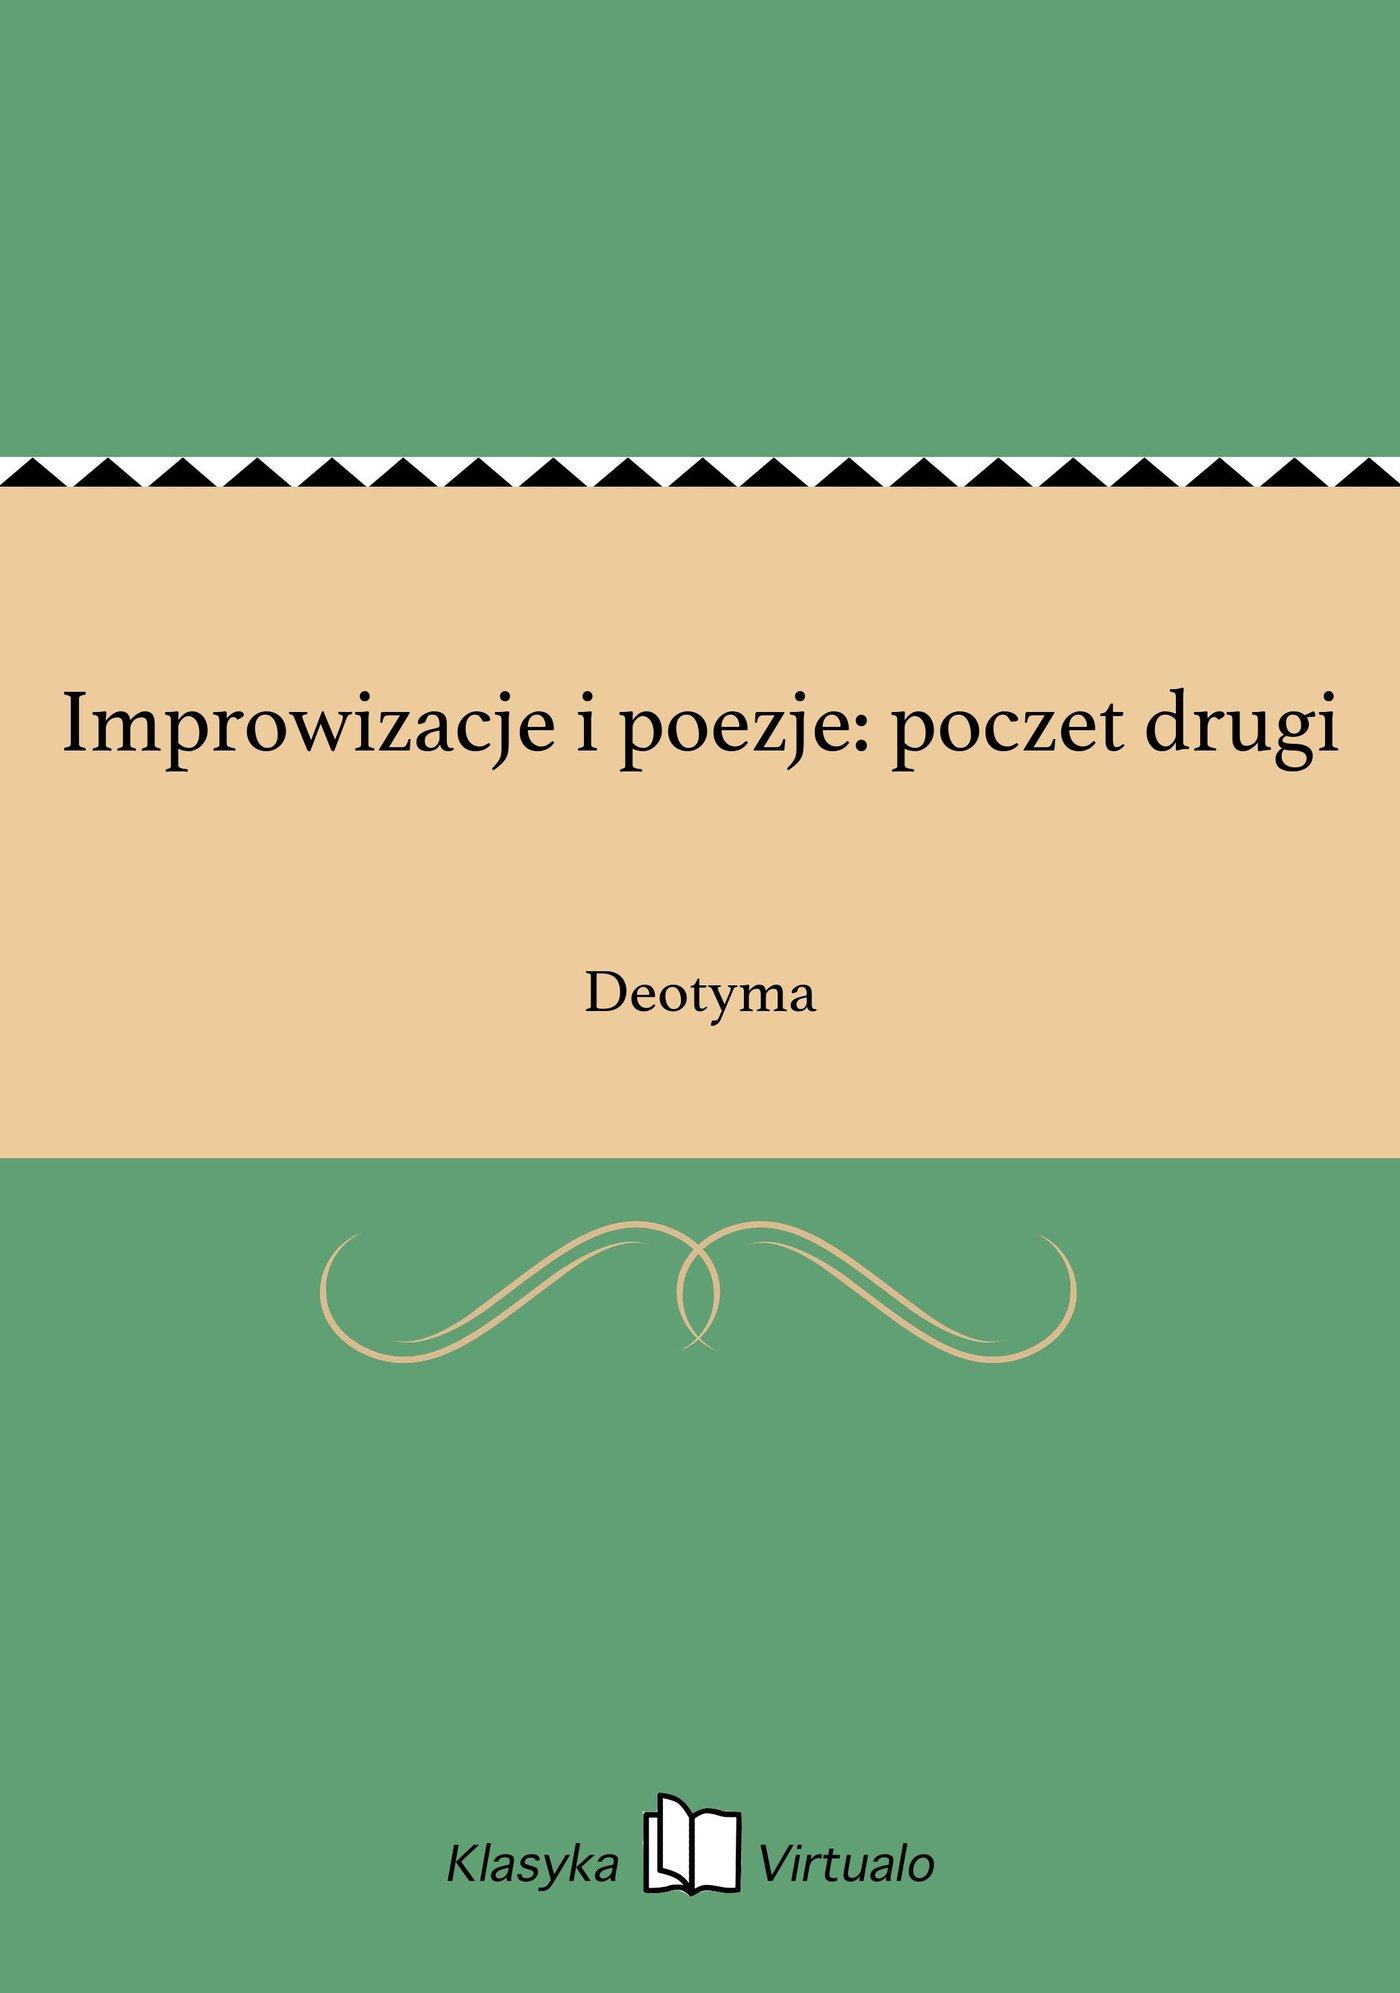 Improwizacje i poezje: poczet drugi - Ebook (Książka EPUB) do pobrania w formacie EPUB